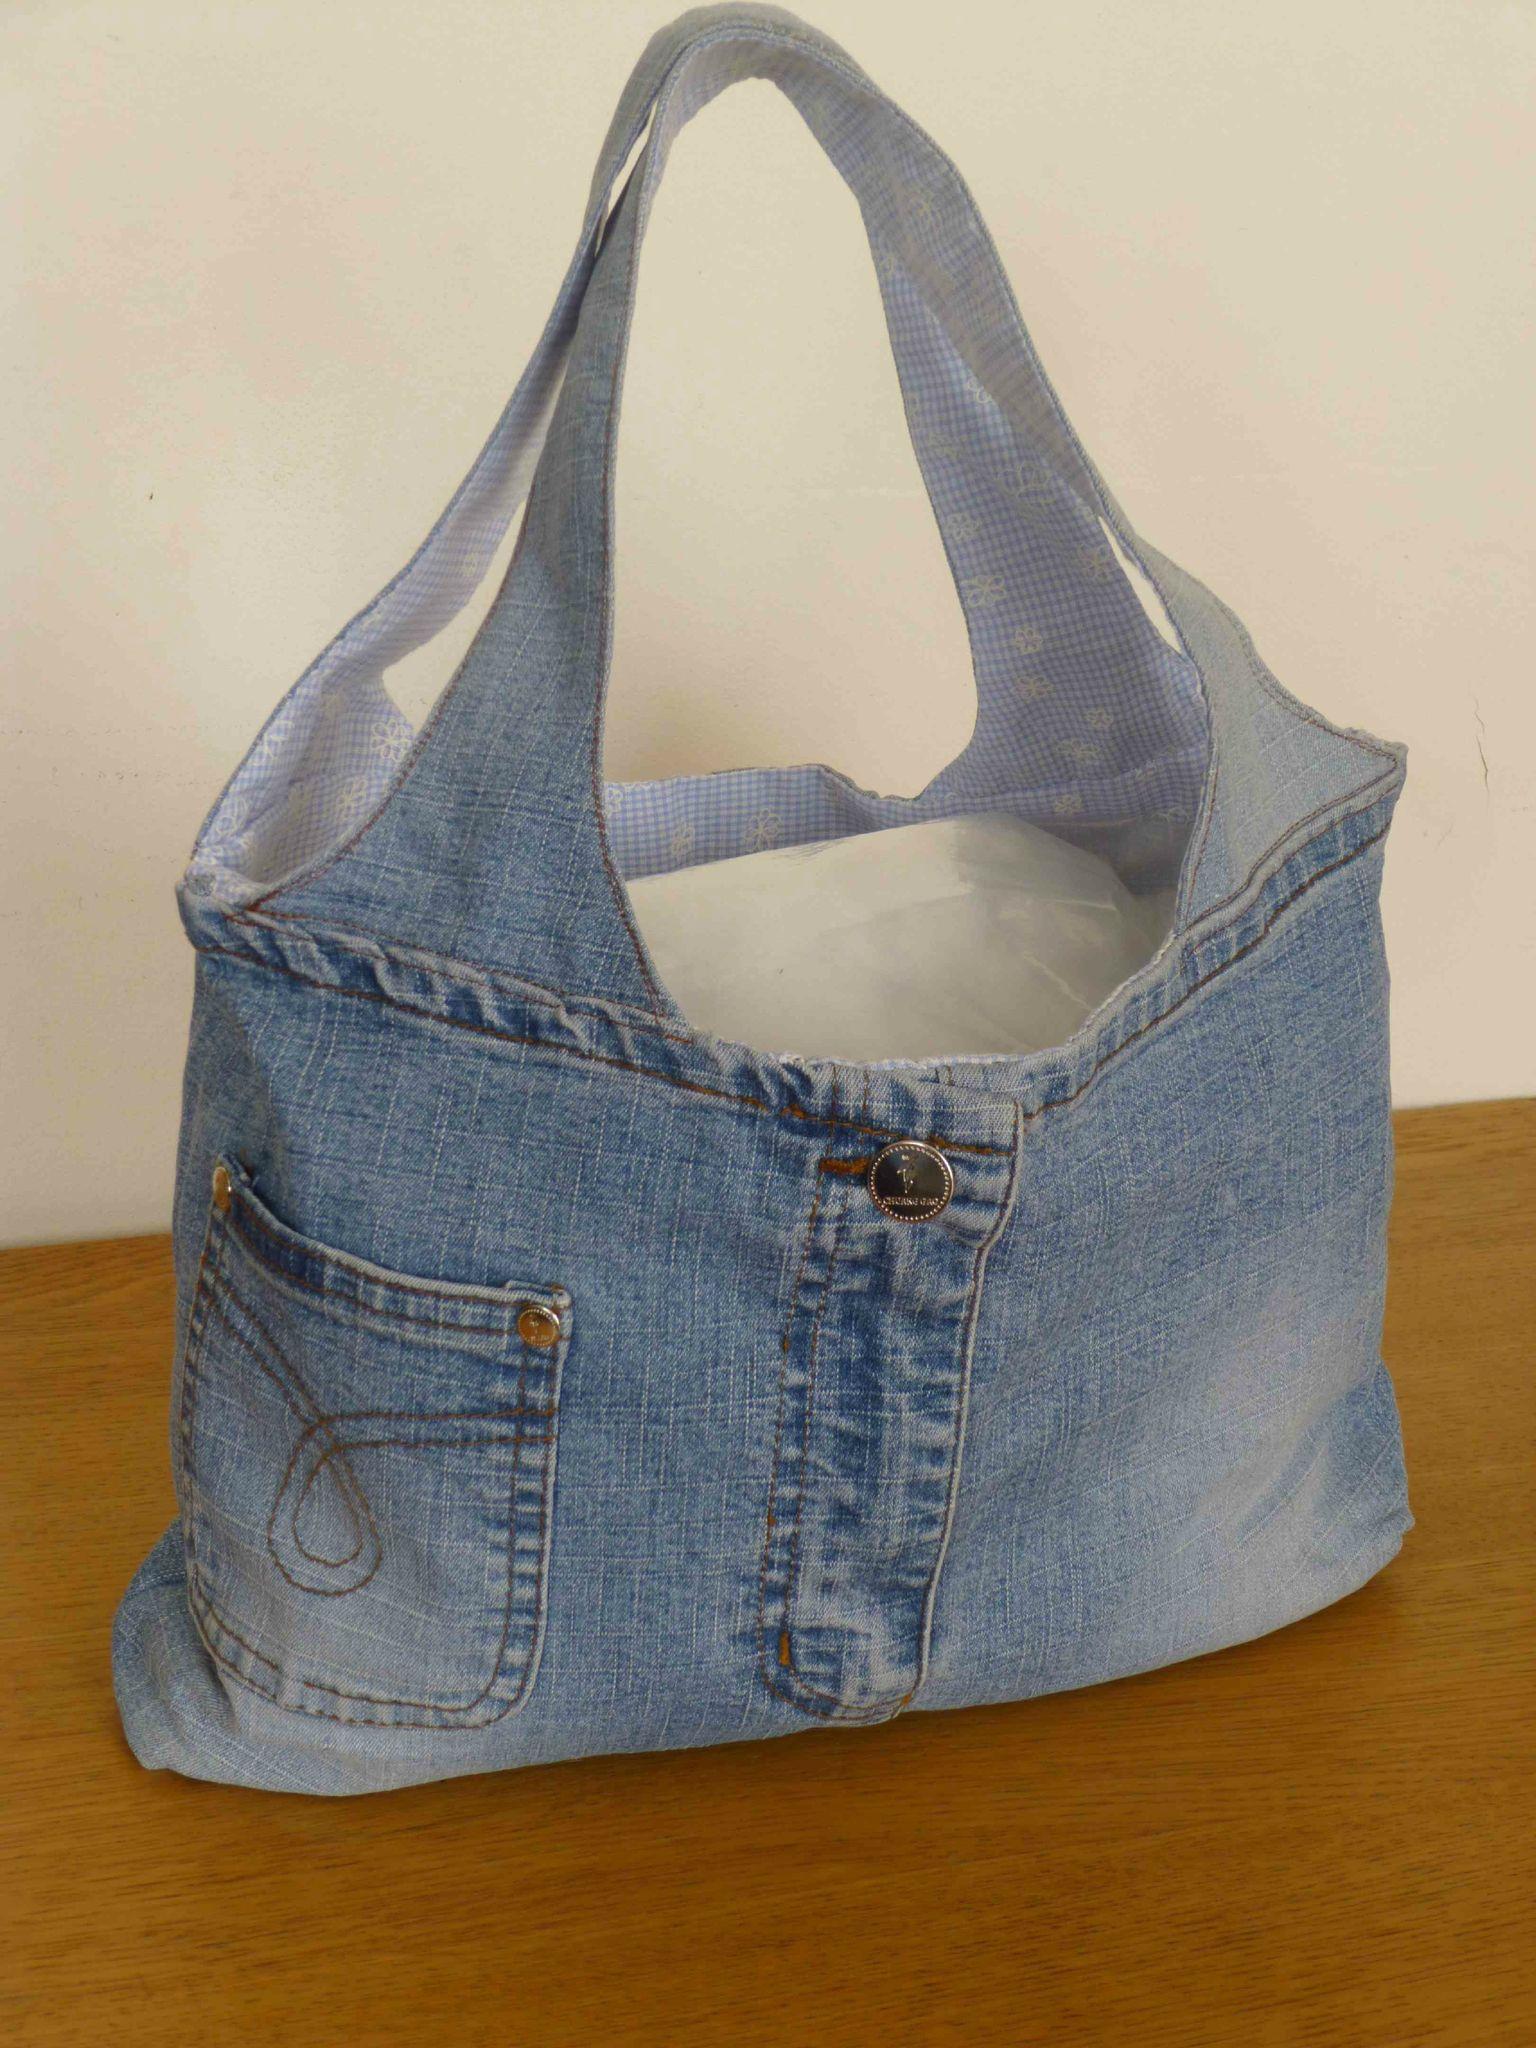 faire un sac avec un jean comment faire un sac cabas kh25 jornalagora comment faire un sac. Black Bedroom Furniture Sets. Home Design Ideas